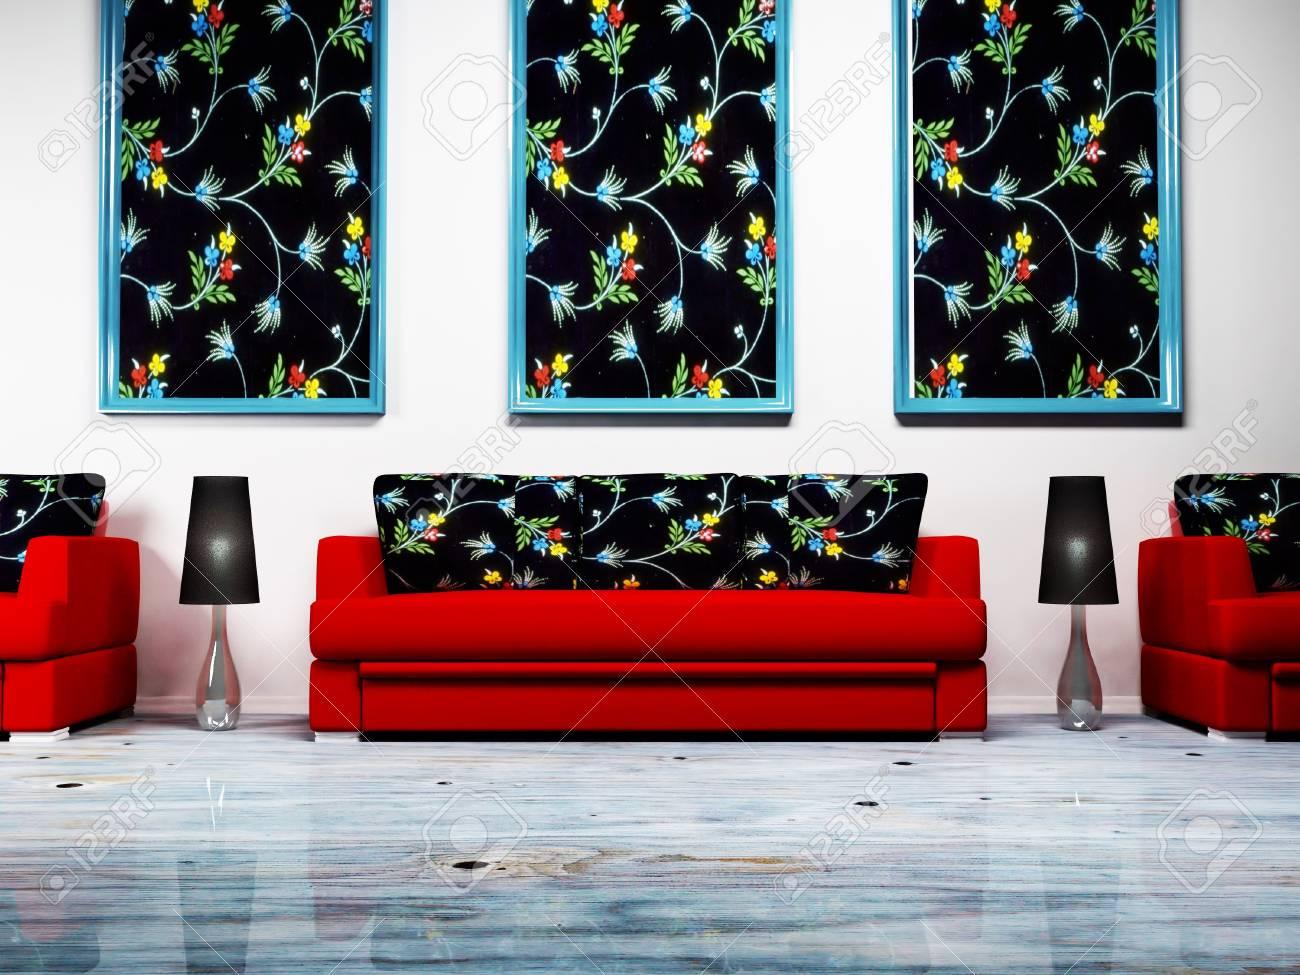 Moderno design degli interni di soggiorno con i divani, le immagini e le  lampade